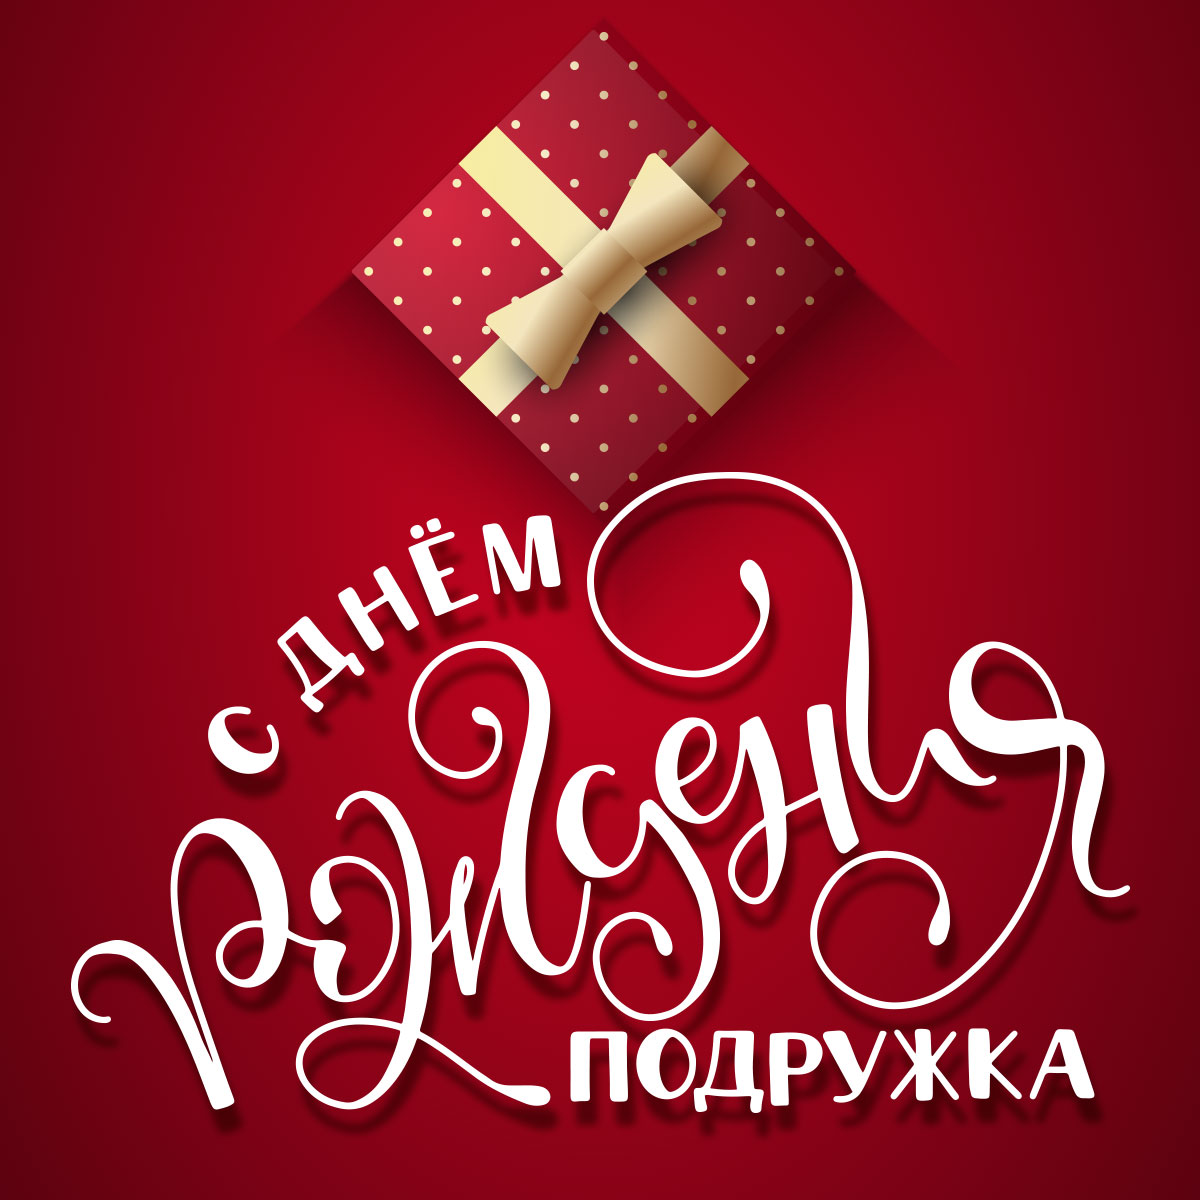 Красная картинка с текстом с днем рождения подружка и подарочной коробкой.